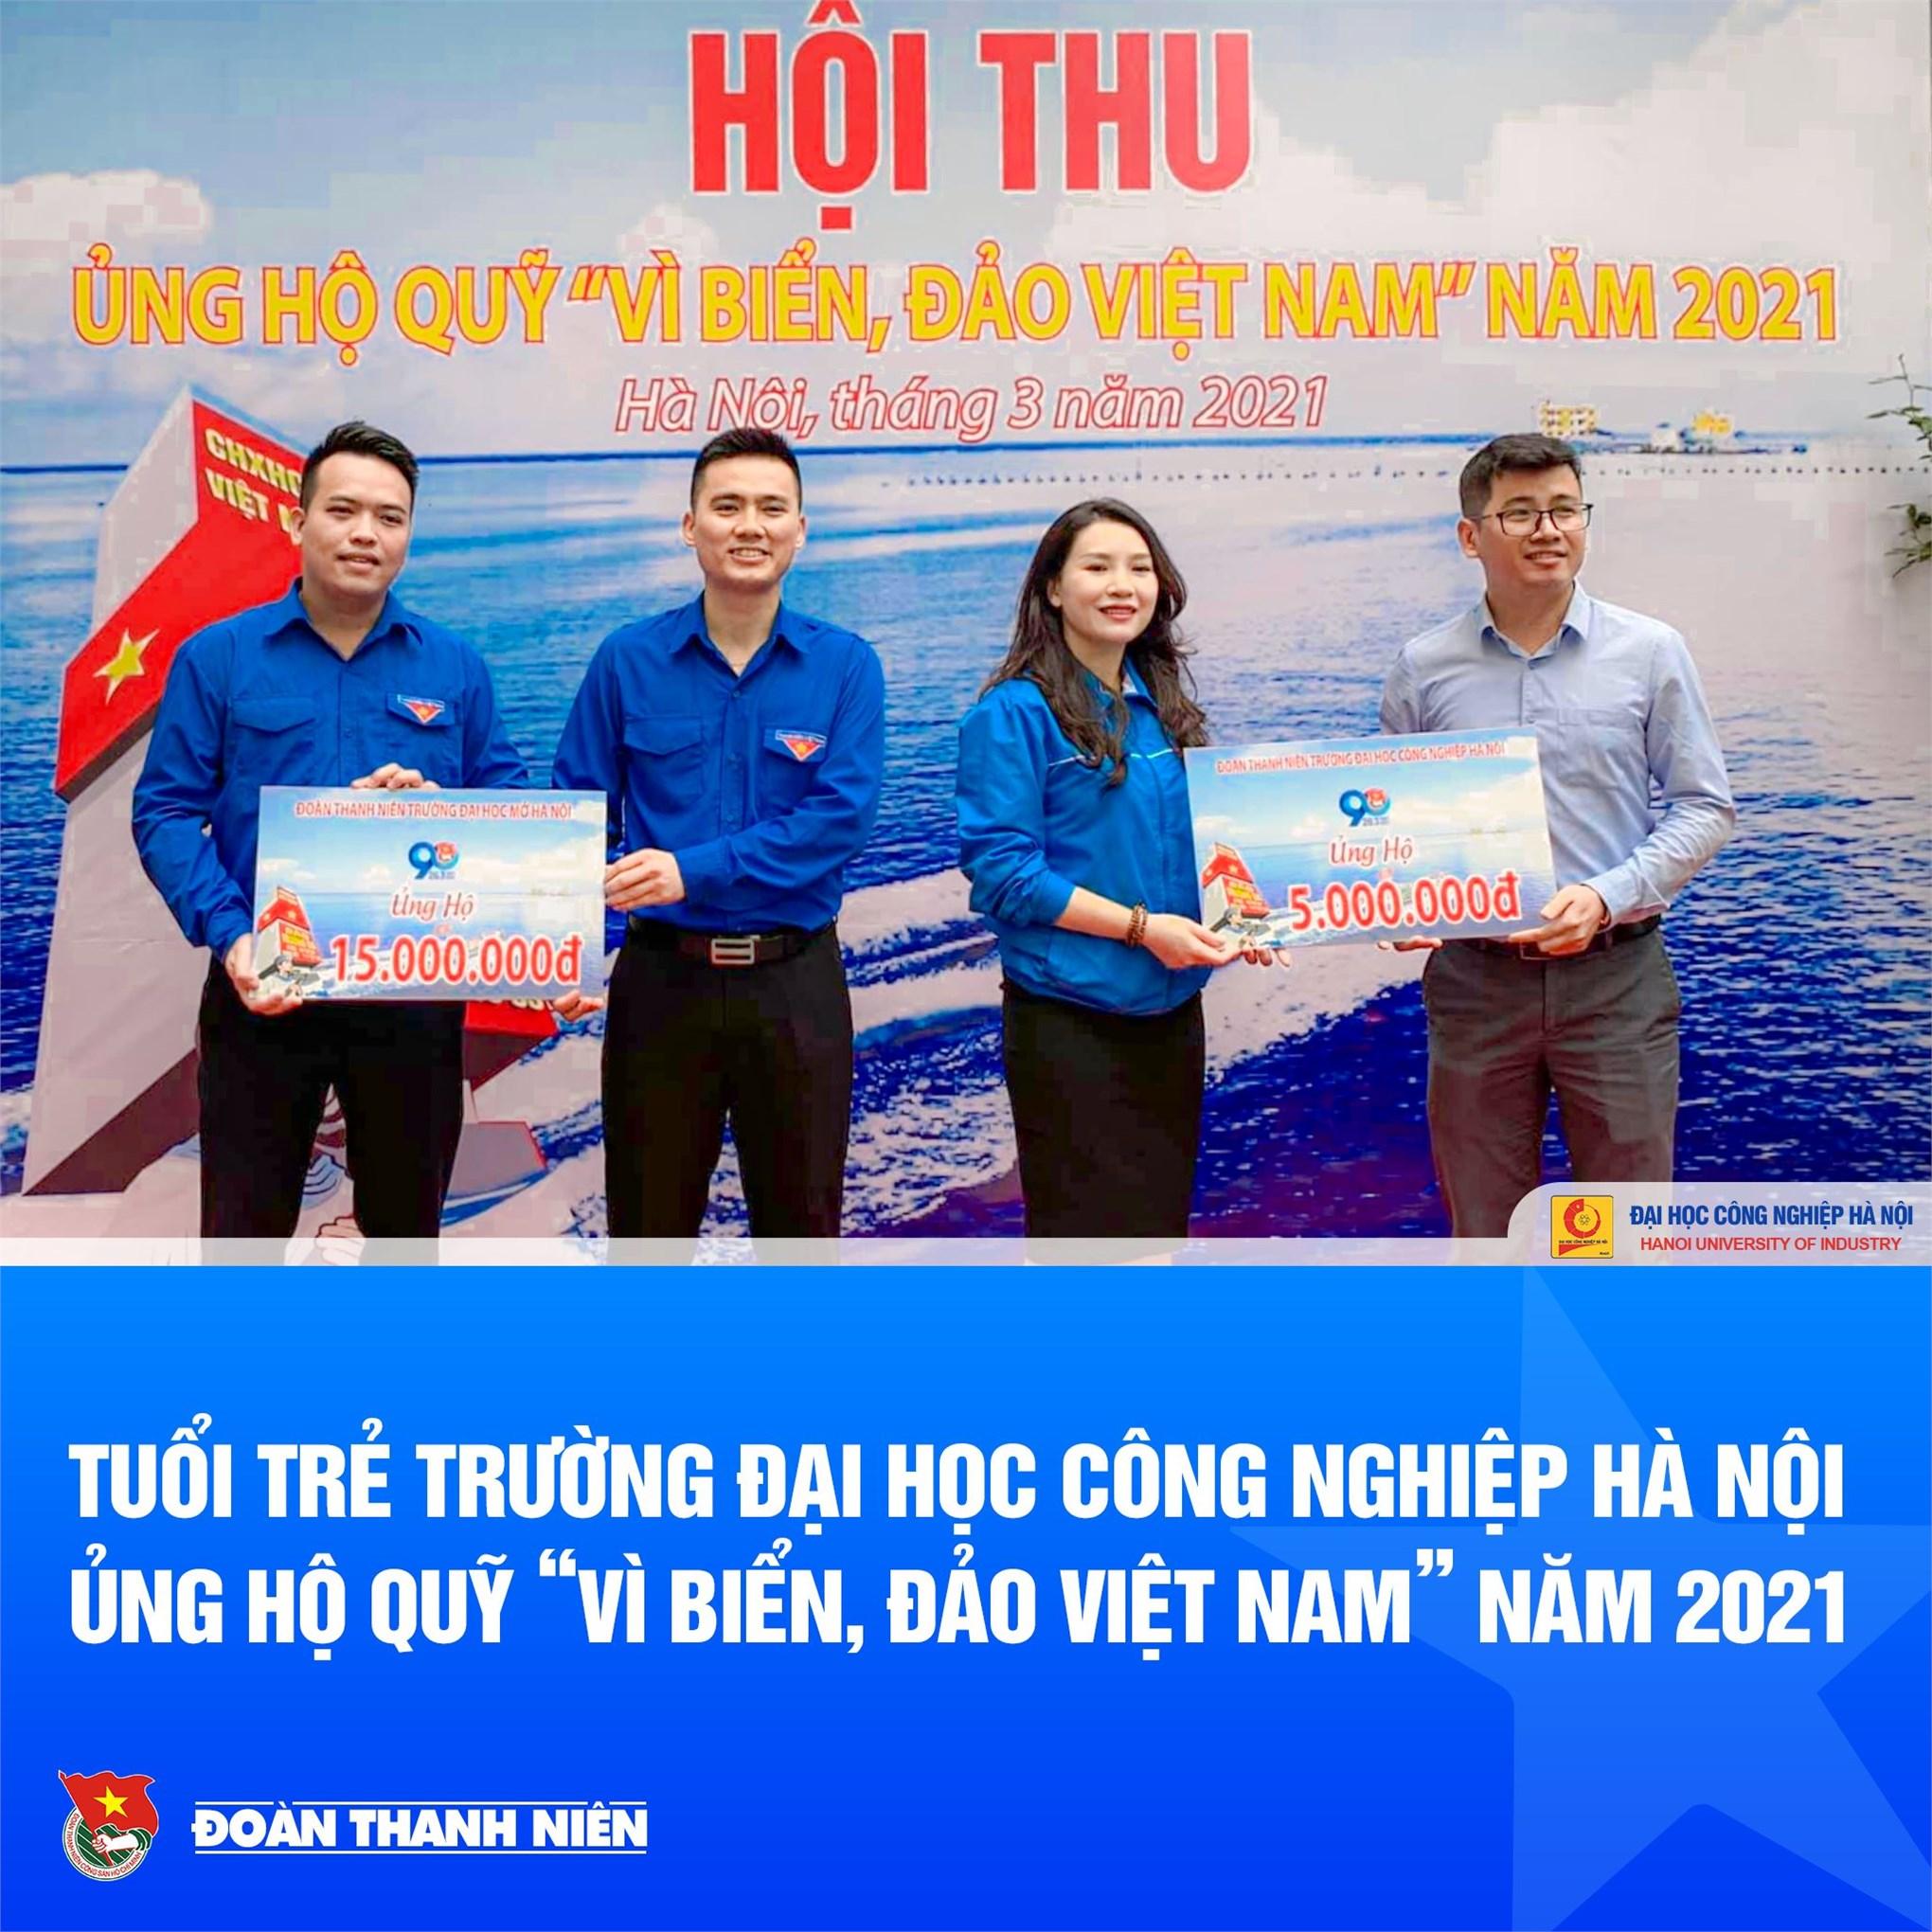 Đoàn trường Đại học Công nghiệp Hà Nội ủng hộ Quỹ Vì biển đảo Việt Nam năm 2021